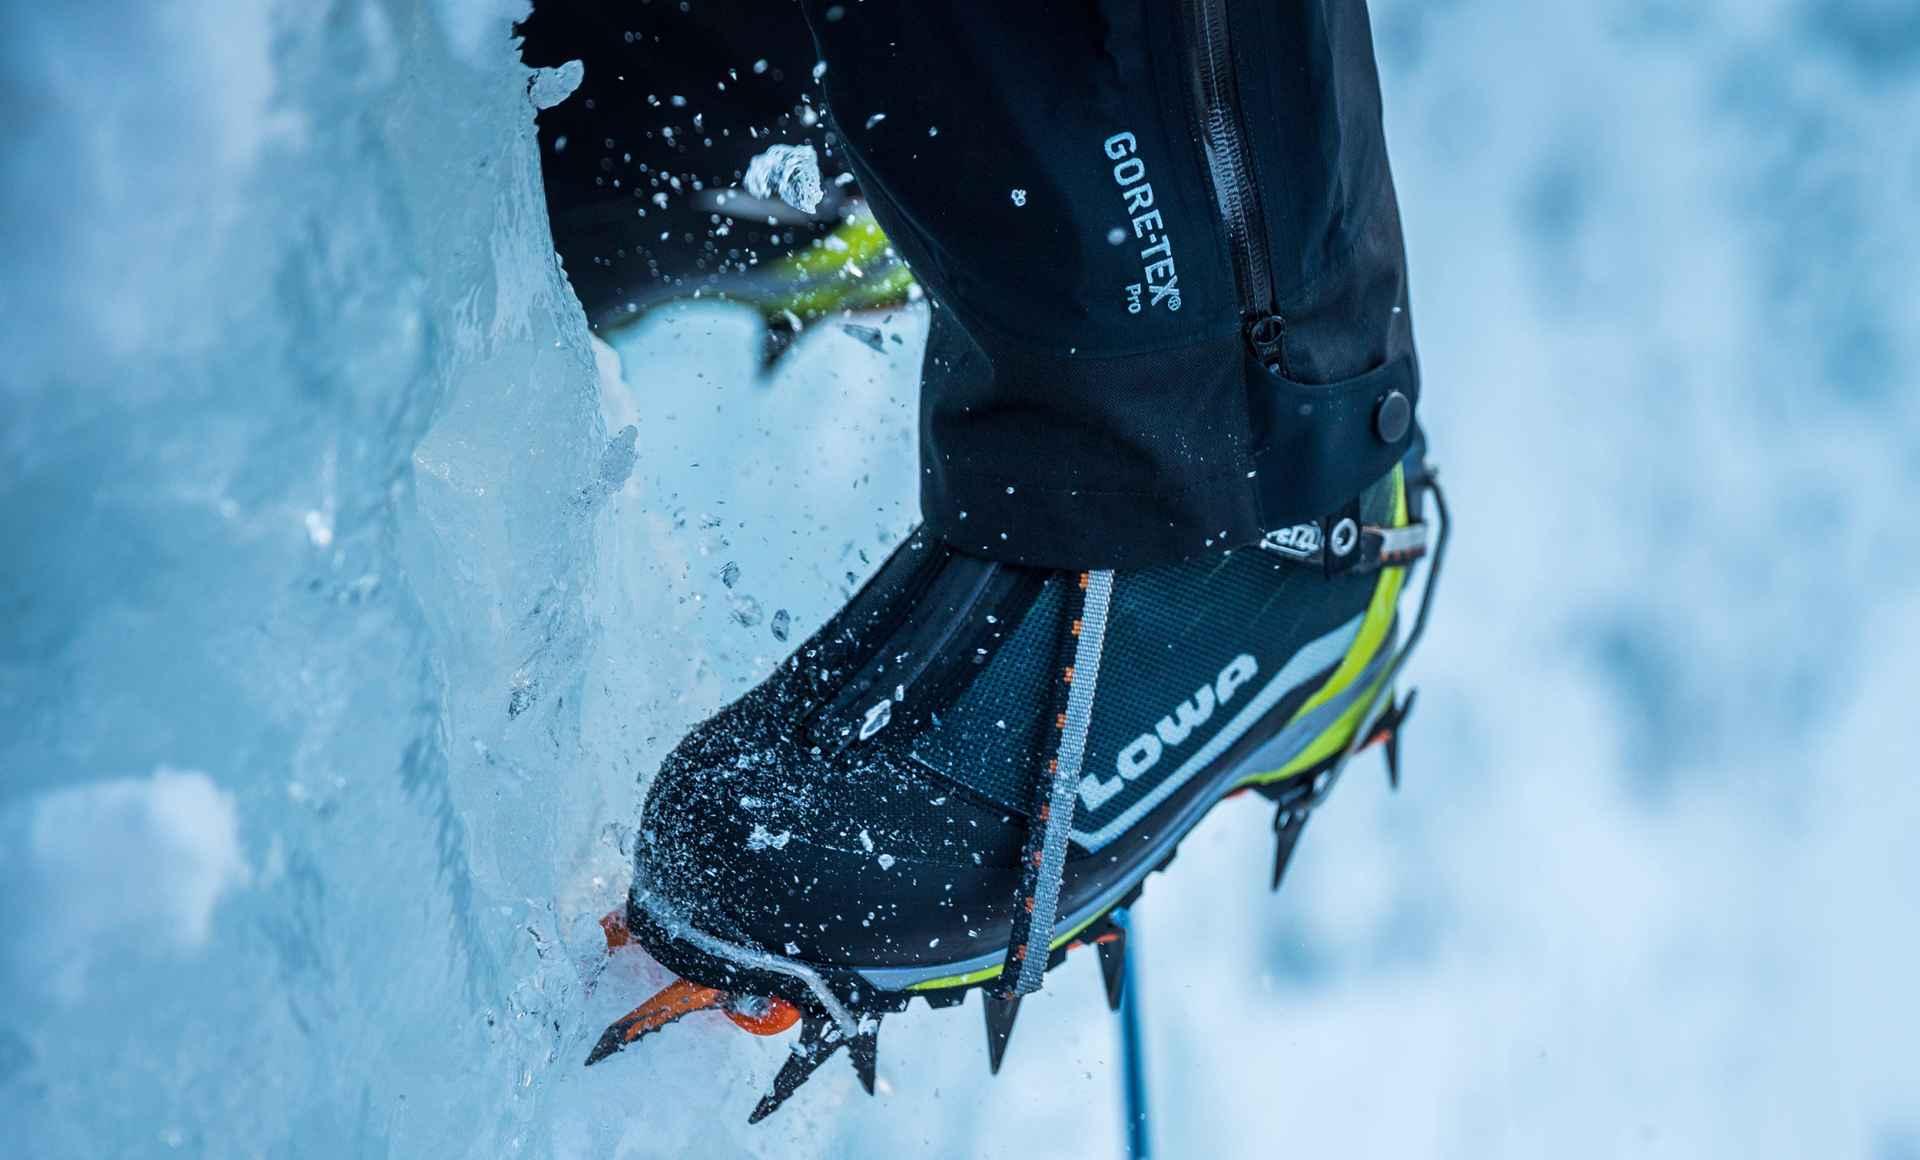 Eigenlijk is de Ice Rocket optimaal geschikt voor dergelijke ijswanden, maar de Alpine Ice GTX kan ook voor dat doel worden gebruikt, zoals hier te zien is.